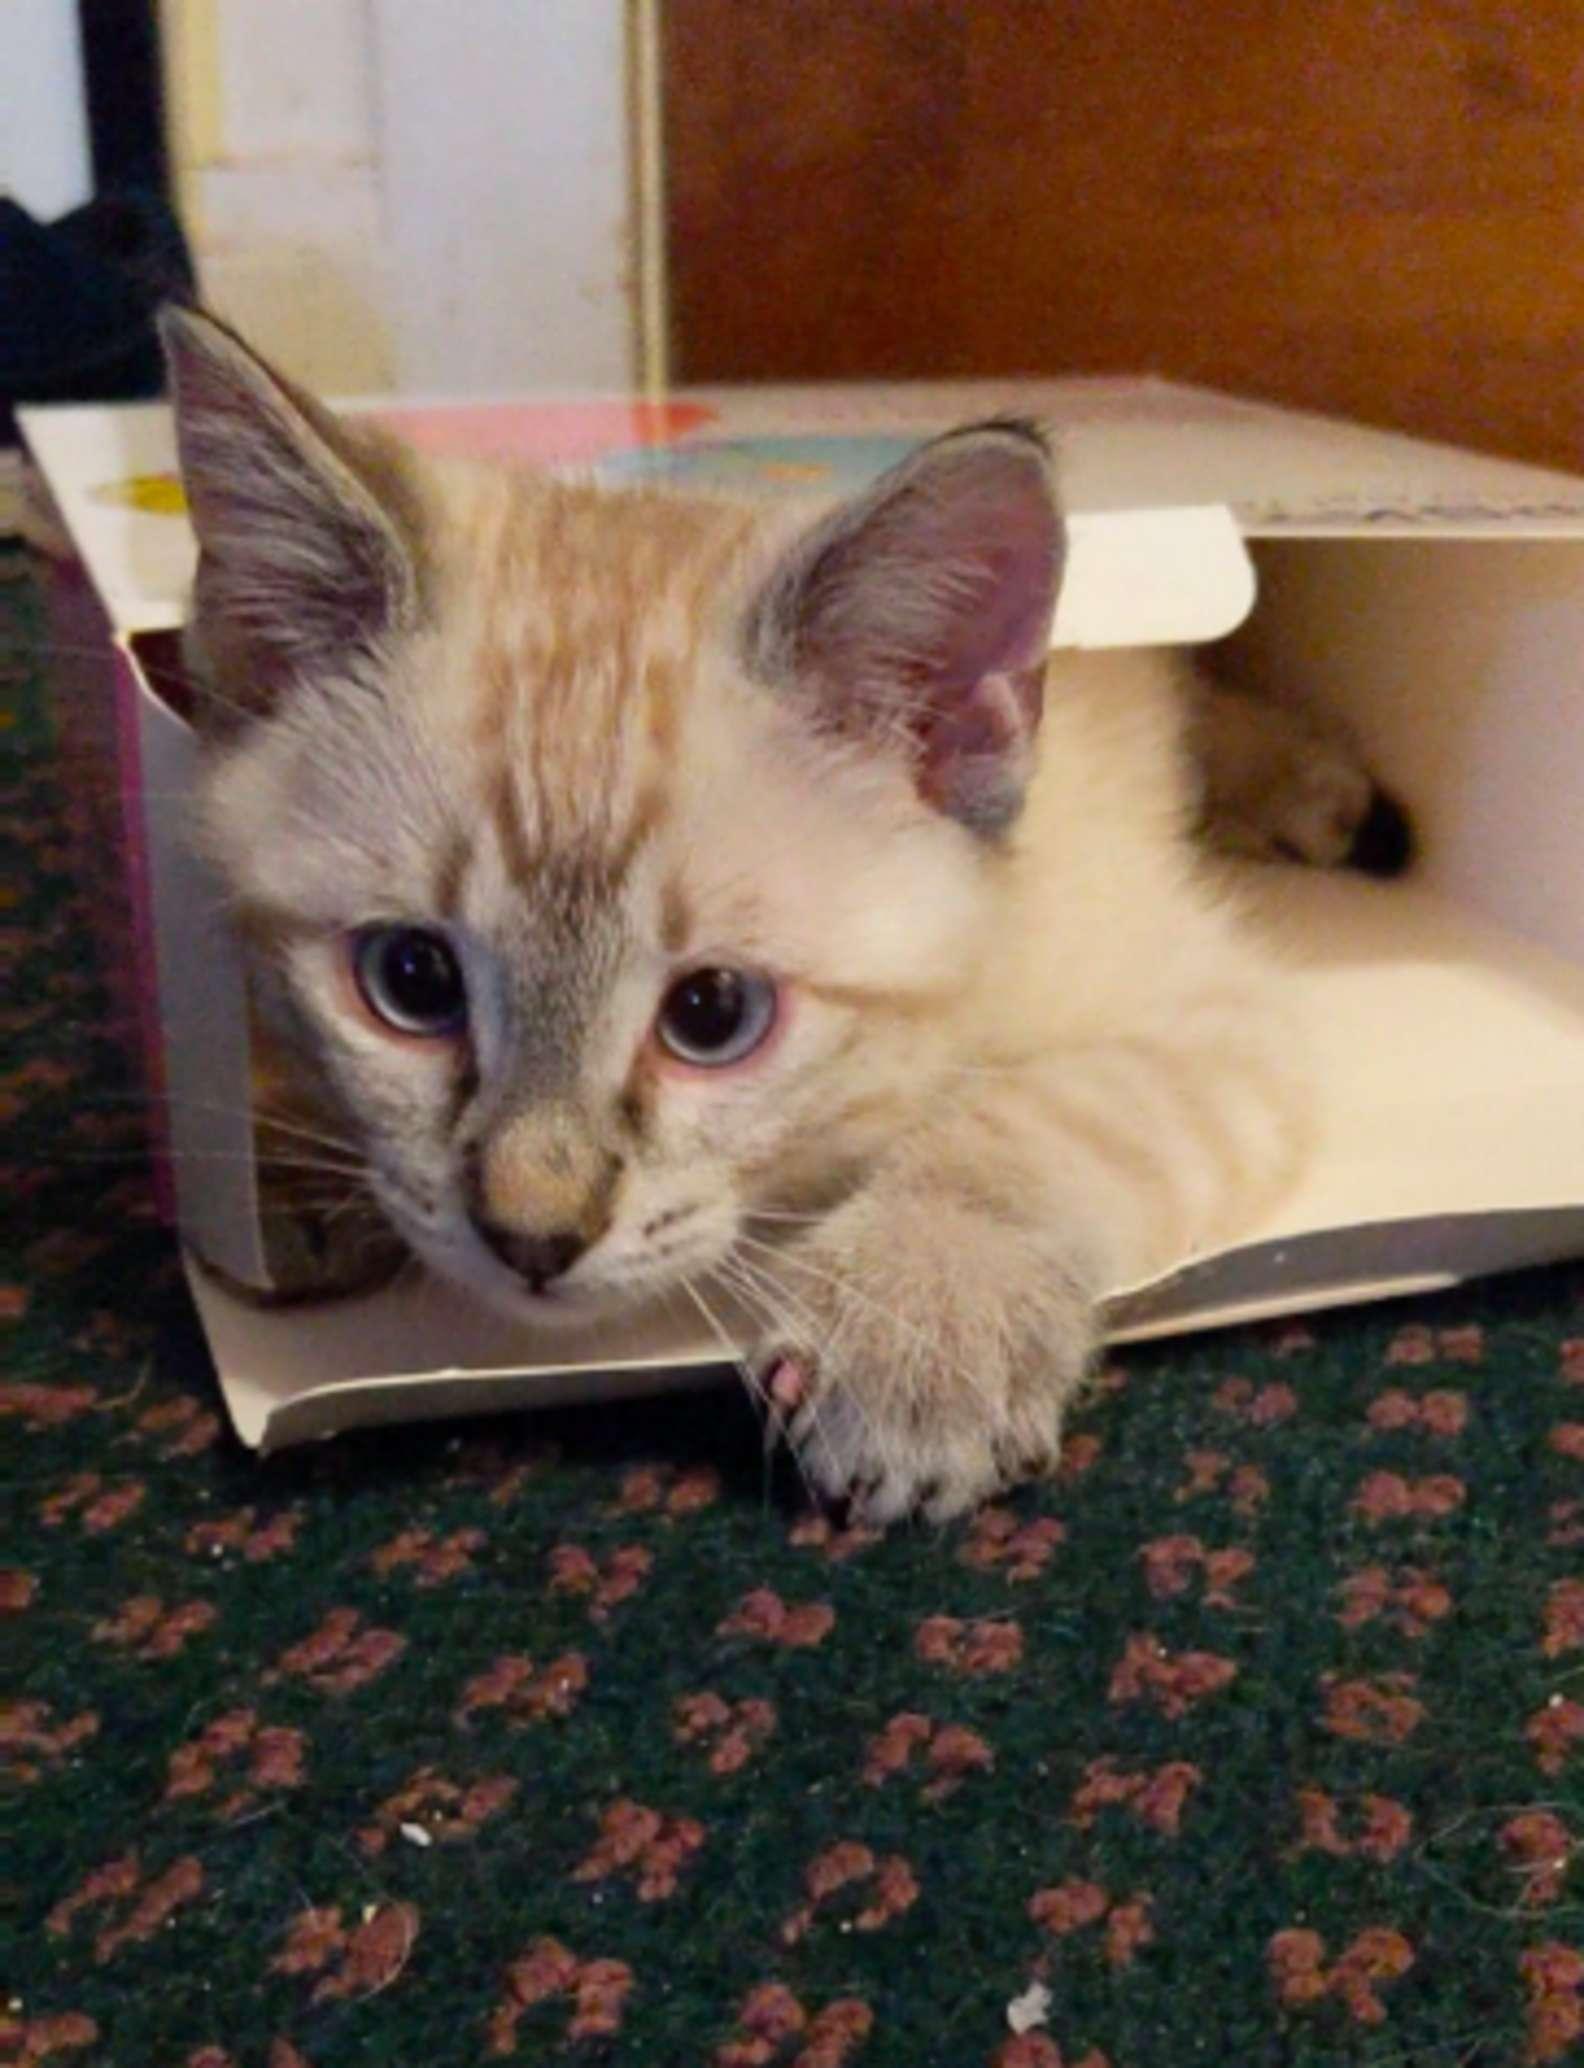 呆貓刷存在感「狂偷滑鼠」一指神功摸走...馬麻無奈到融化